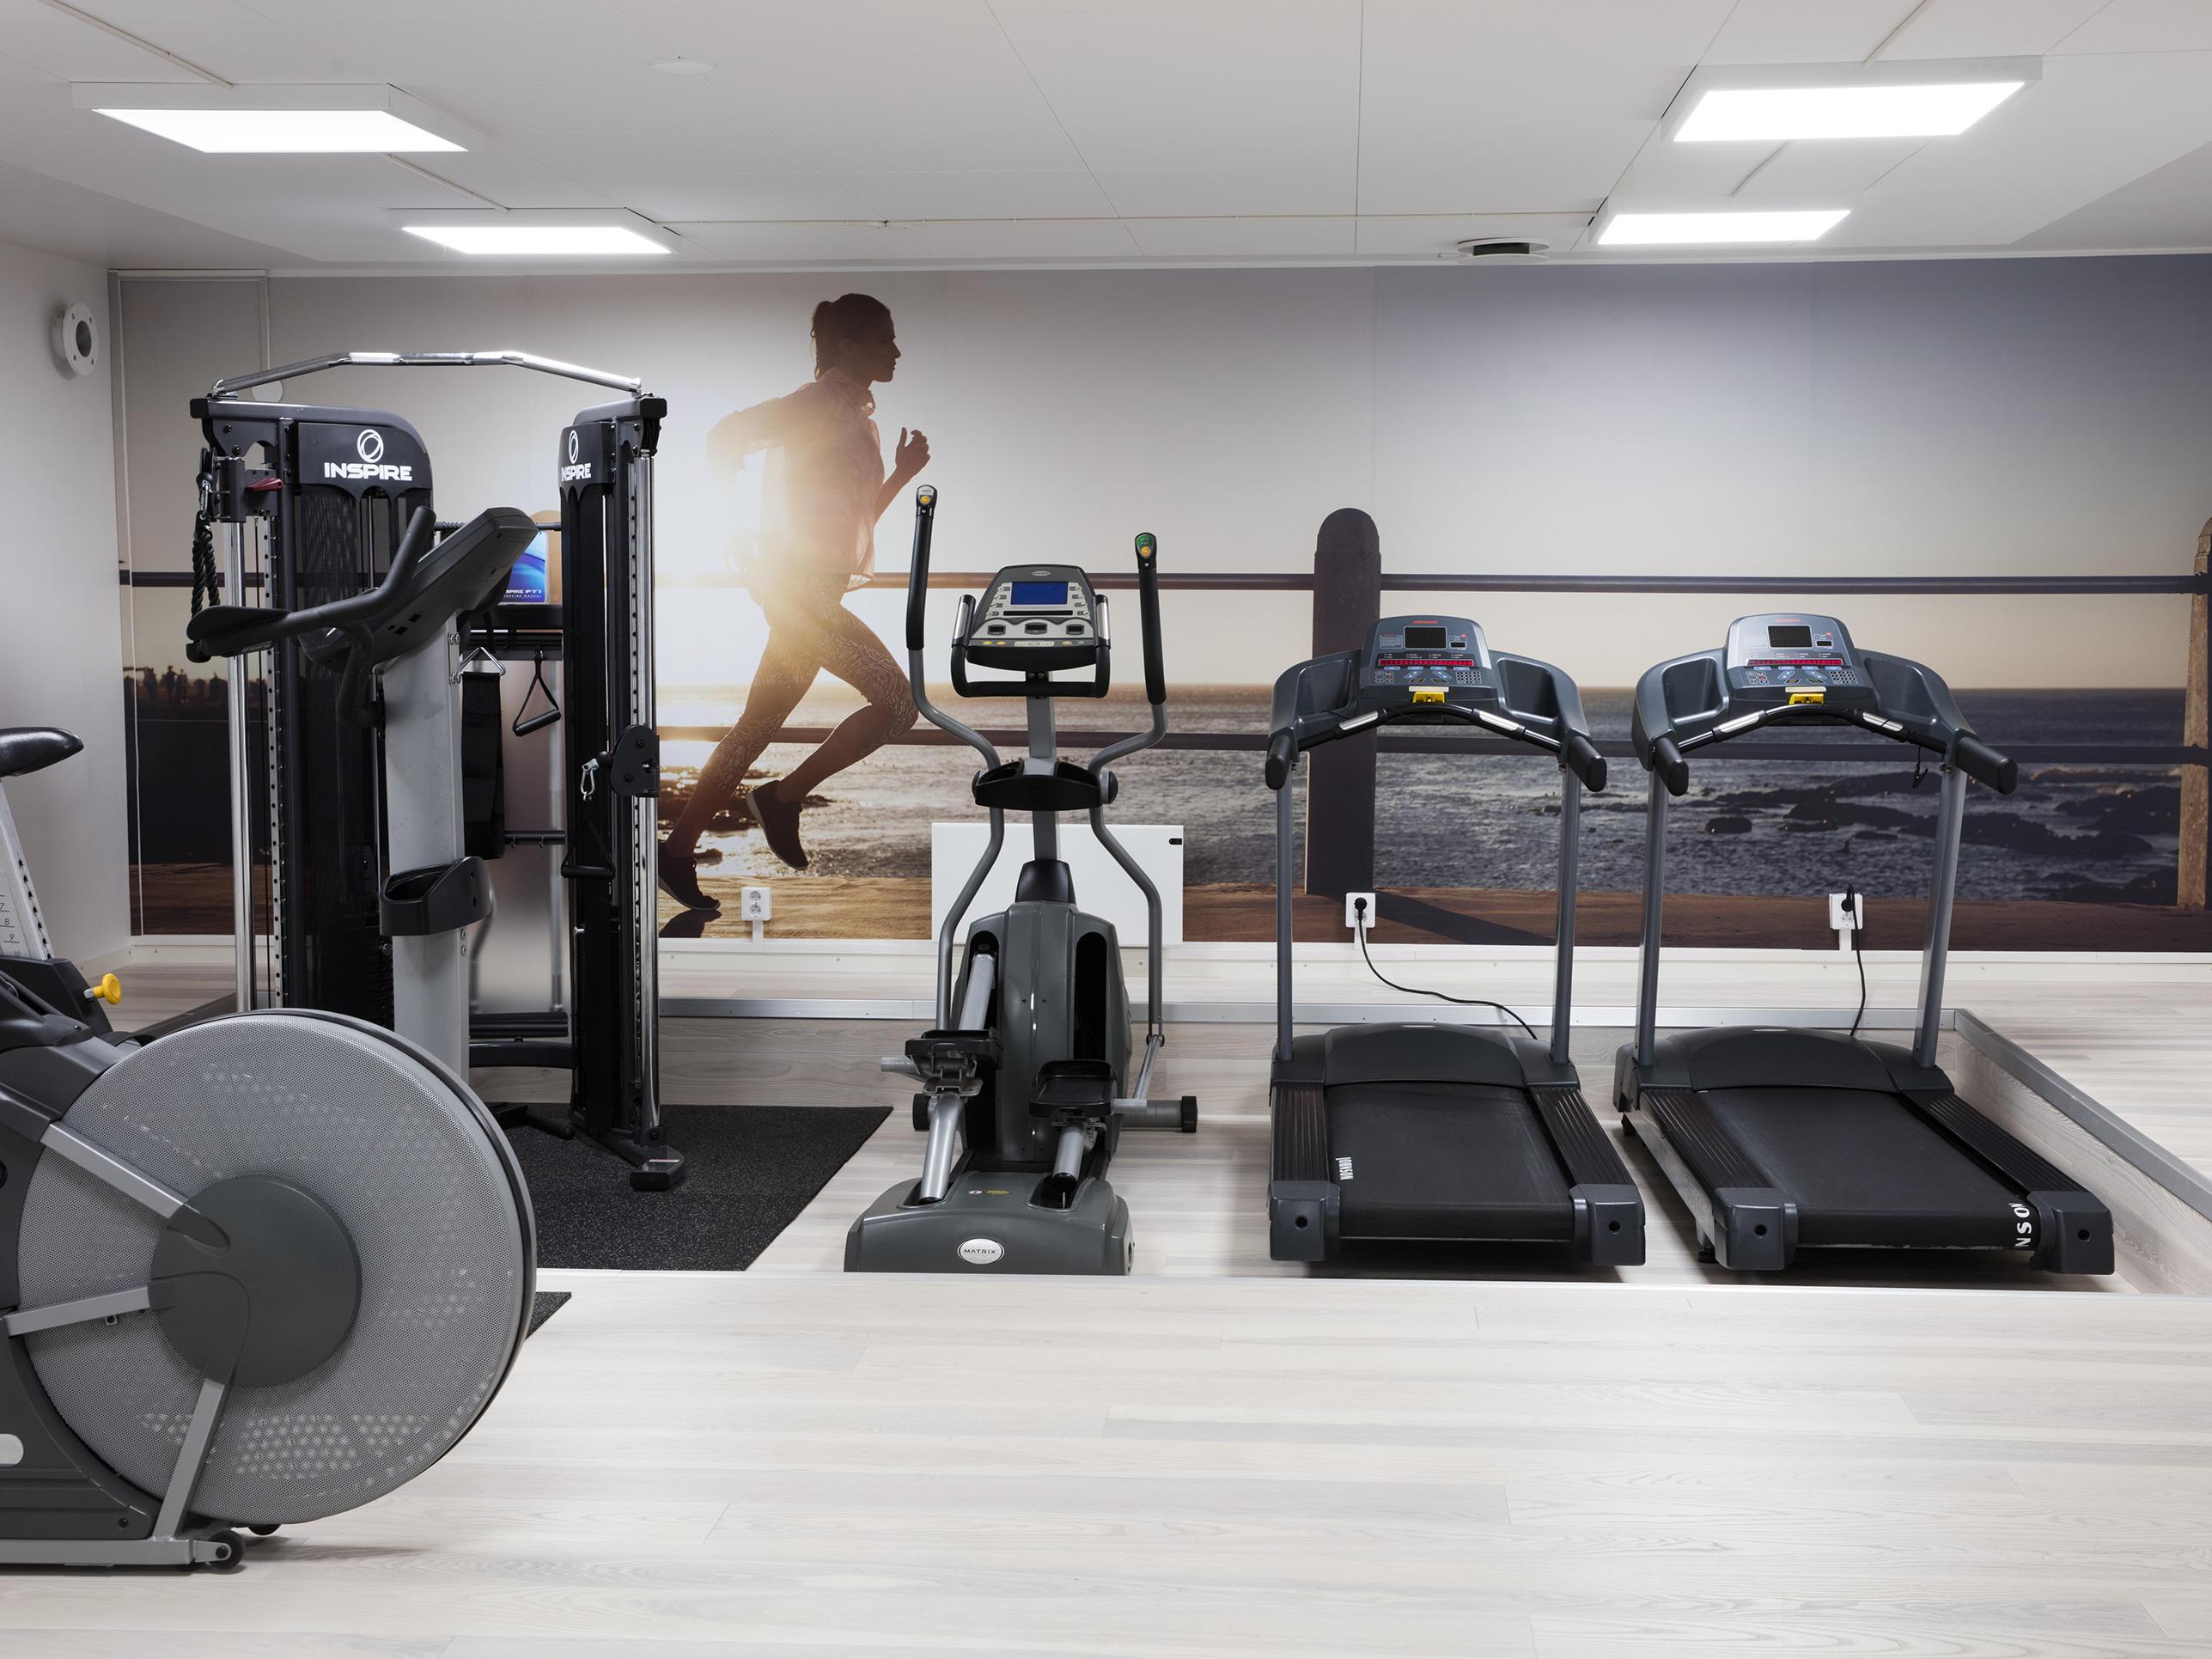 Gym at Welcome Hotel in Järfälla, Sweden